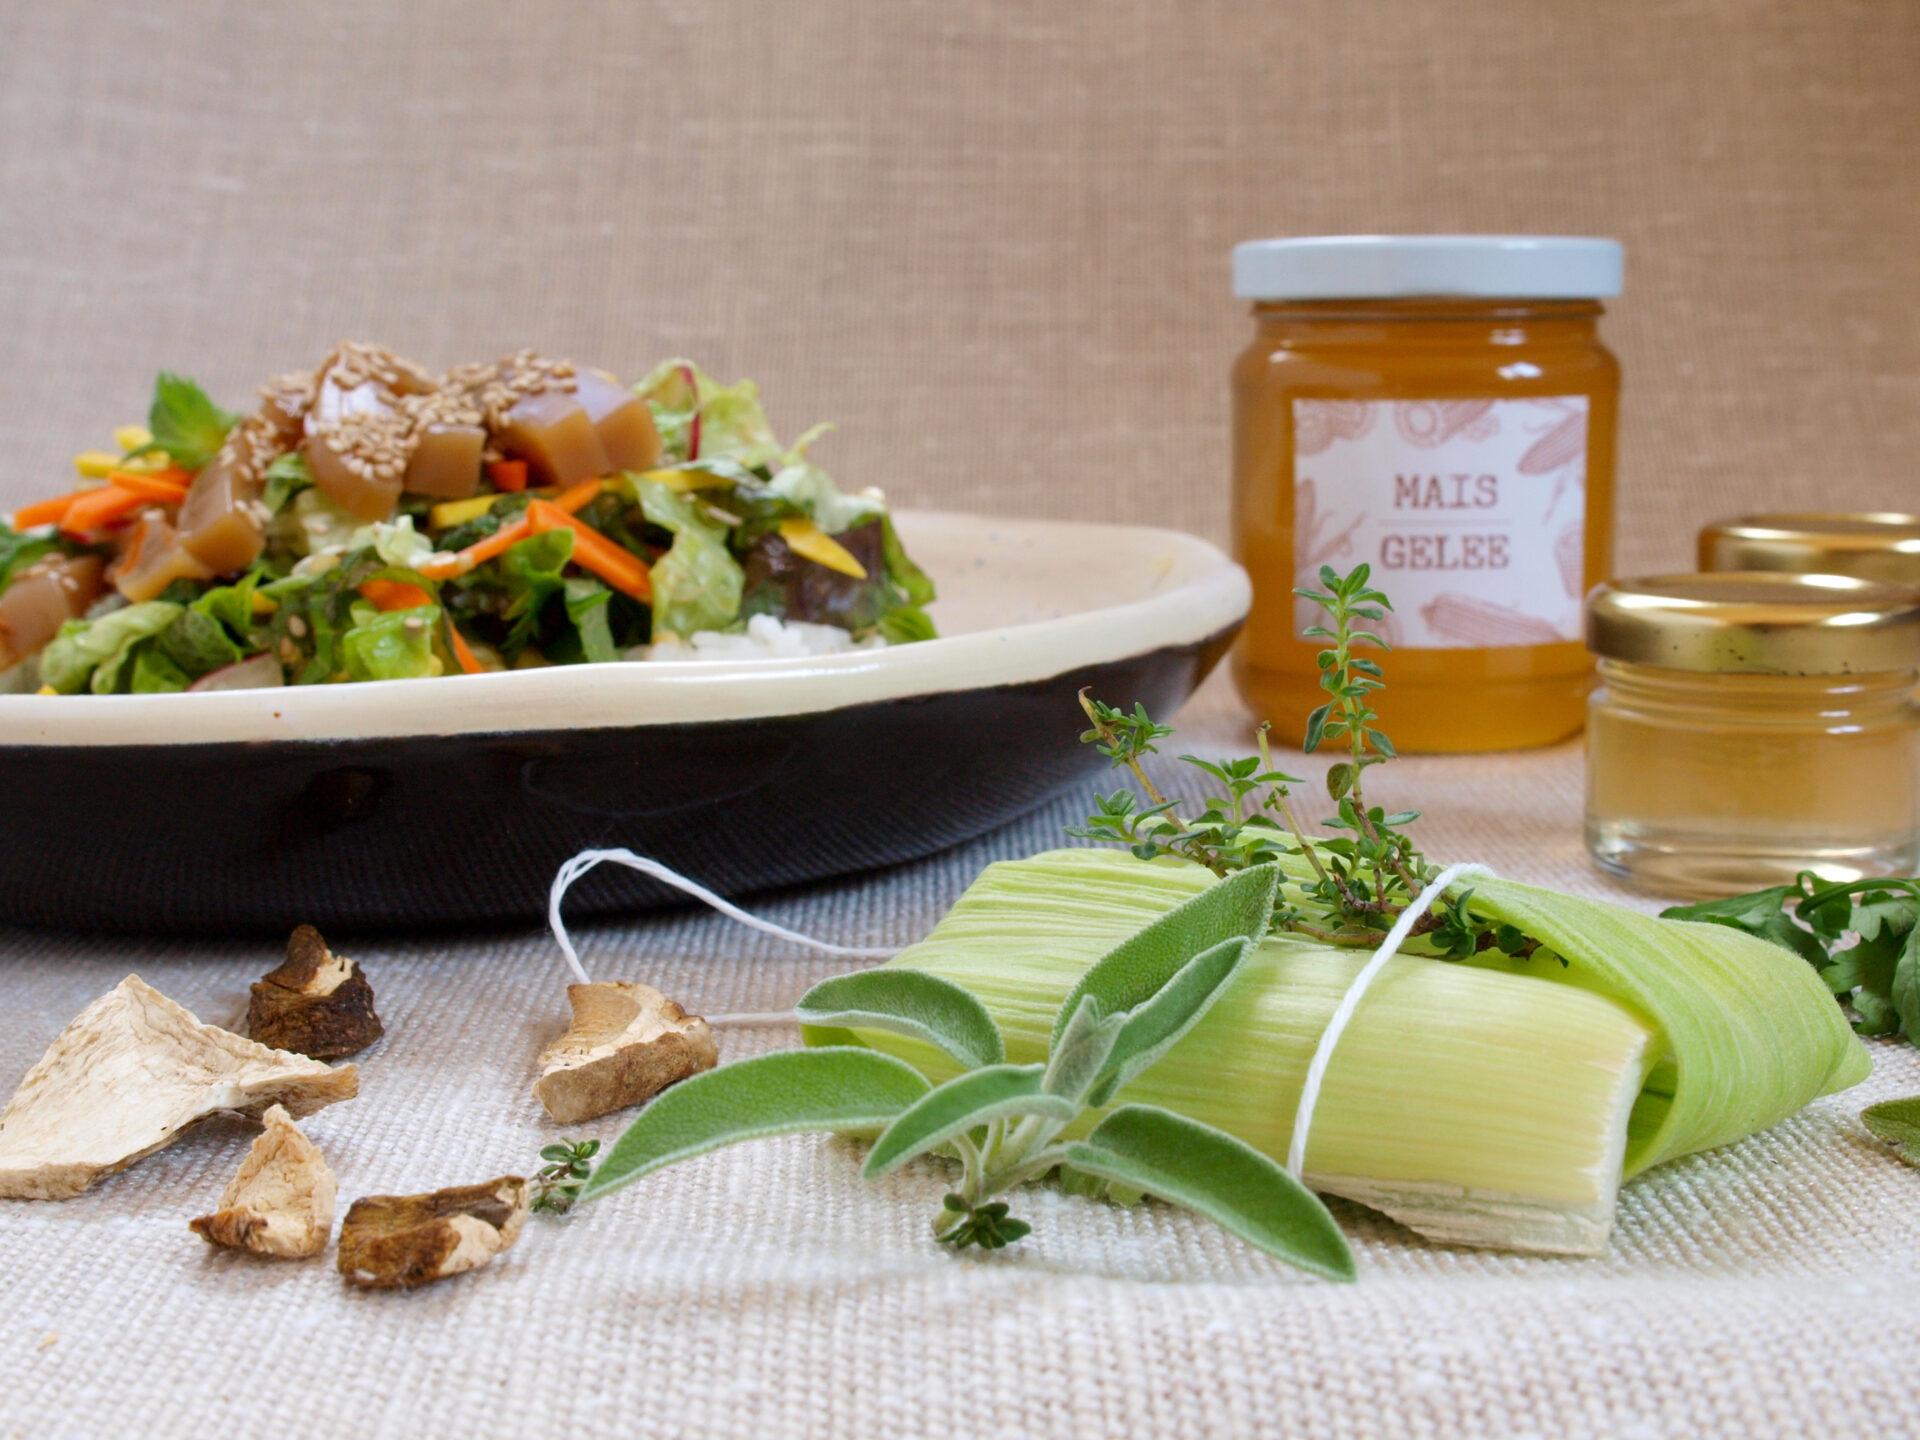 Produkte aus Maisspindeln: Bouquet Garni, Steinpilzmuk und süsser Gelée (Foto: Sarah. 2021)